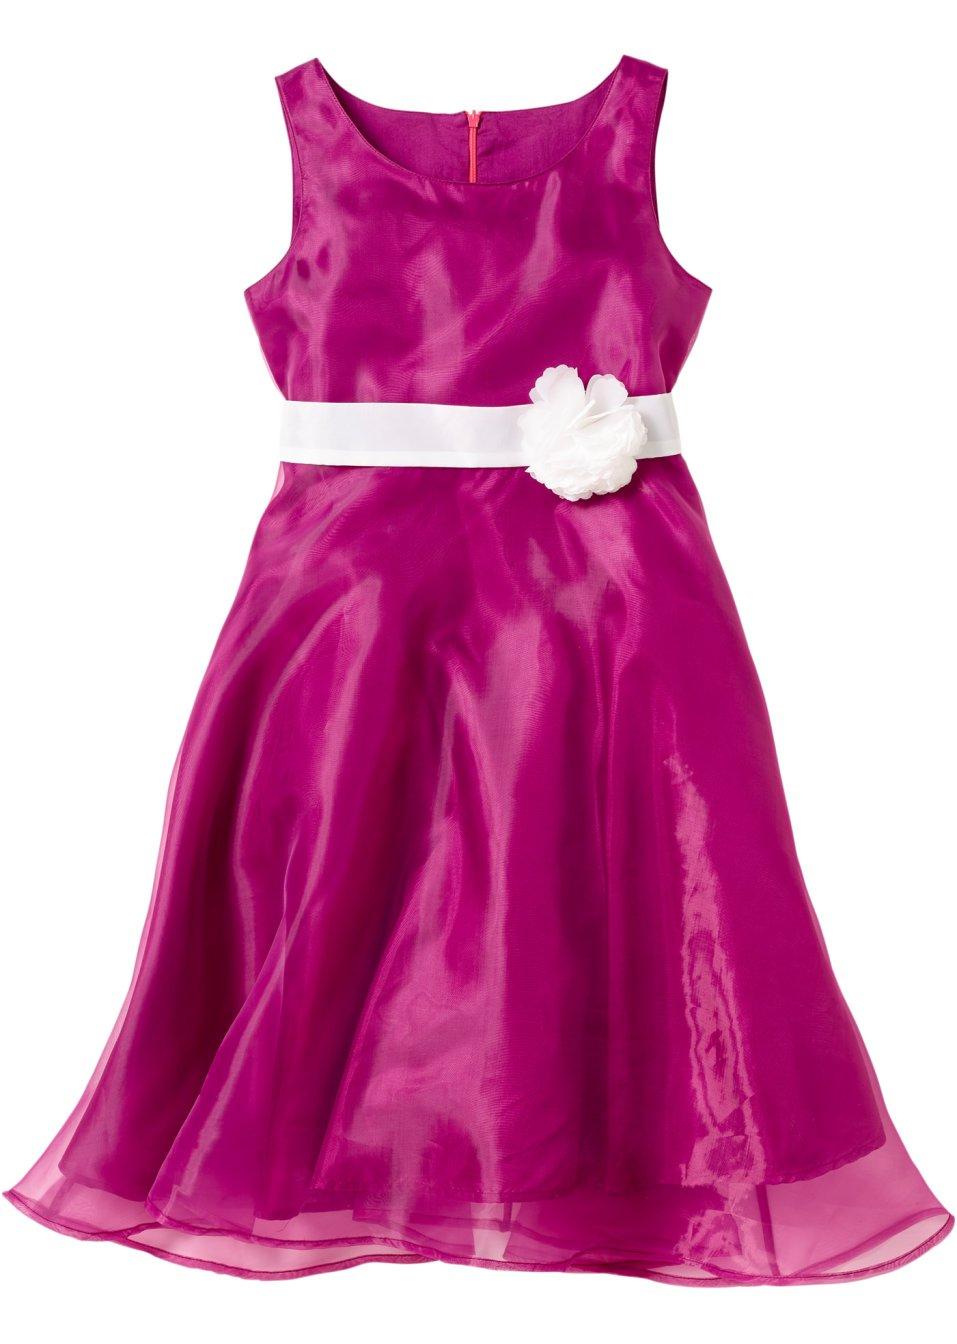 Festliches kleid mit fixierter blume violett wollweiss - Festliche kleider bonprix ...